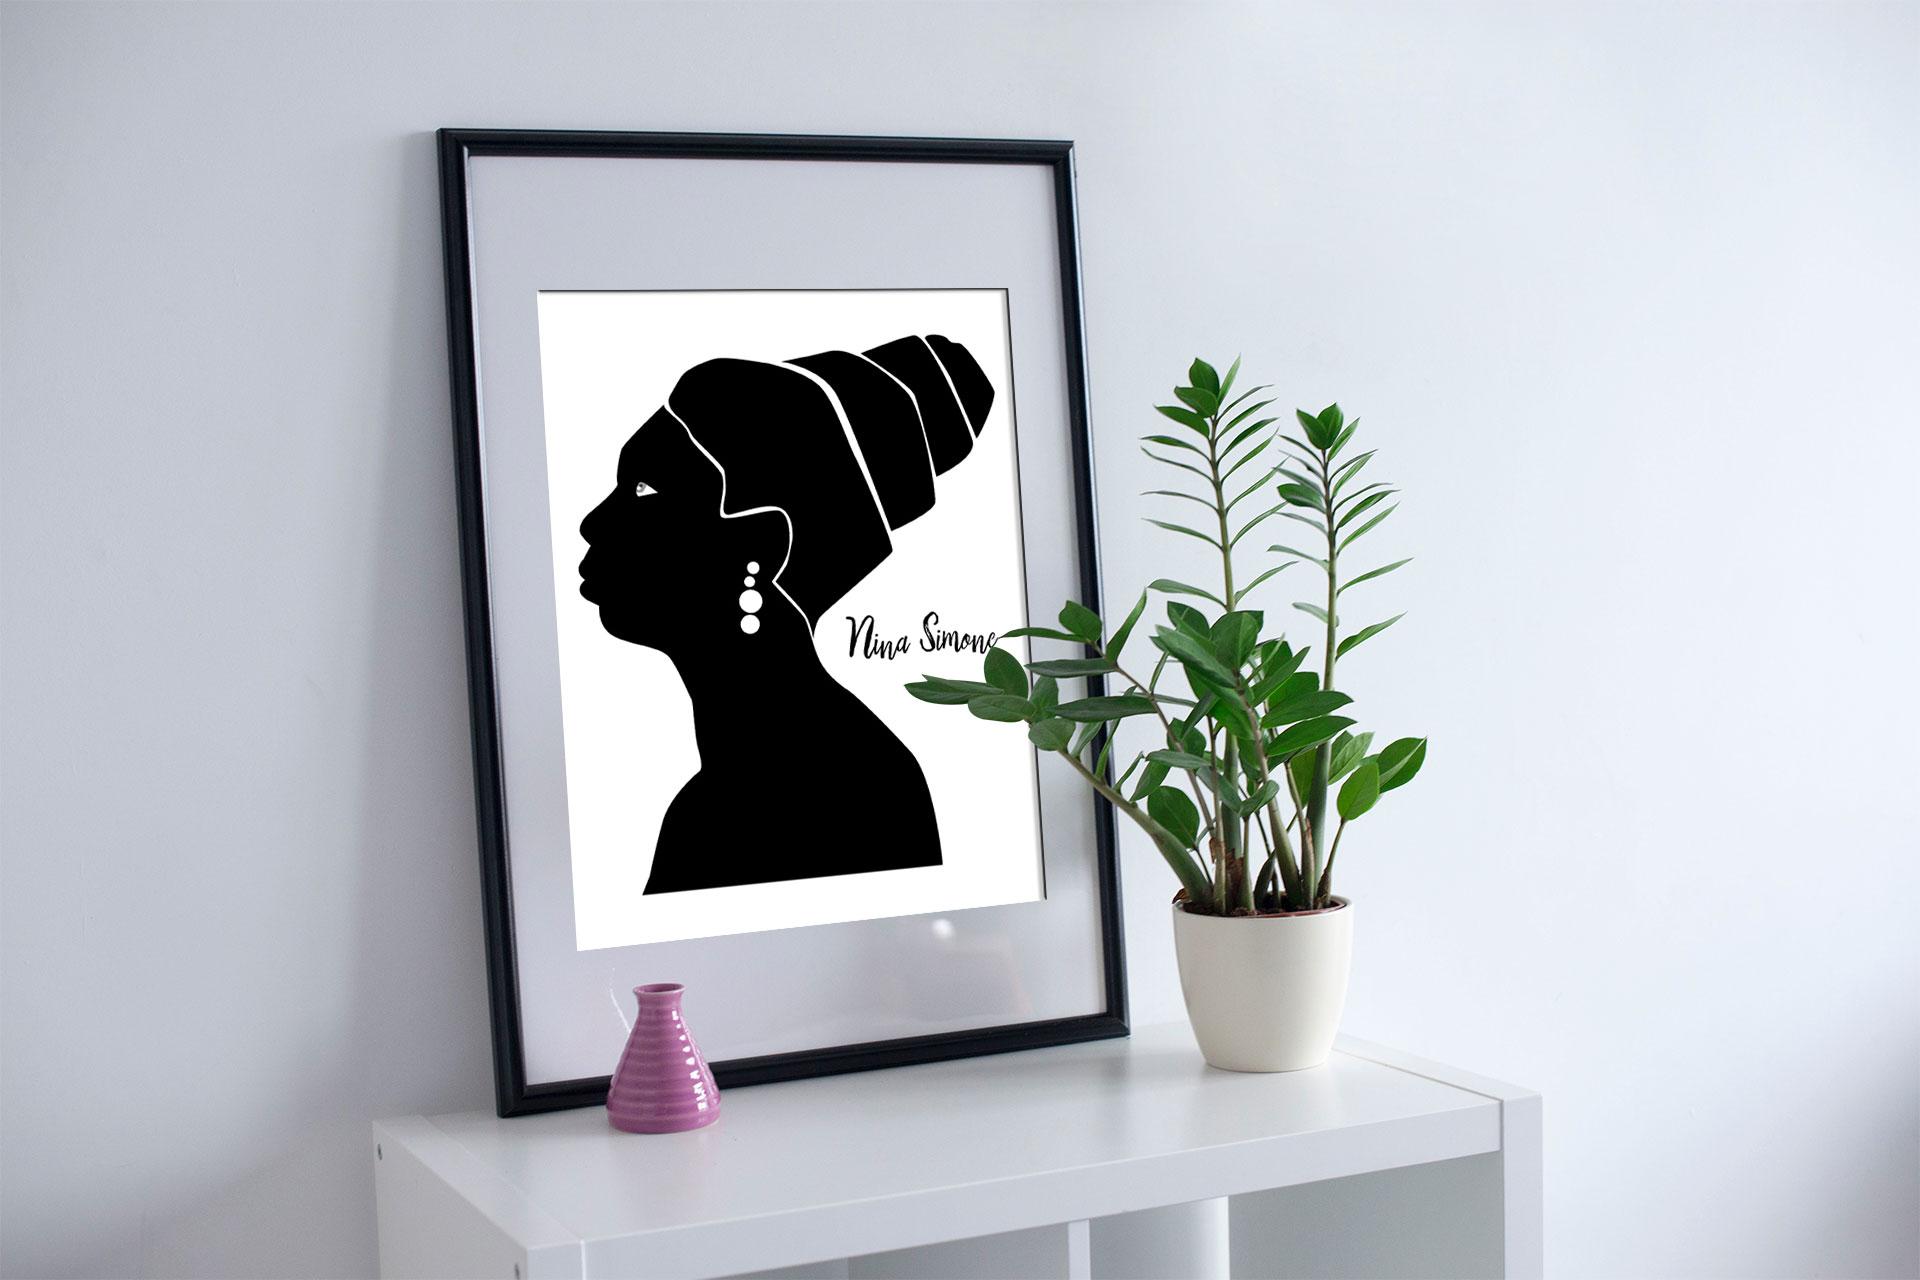 nina mc - Feministyczny kalendarz. Nina Simone na luty